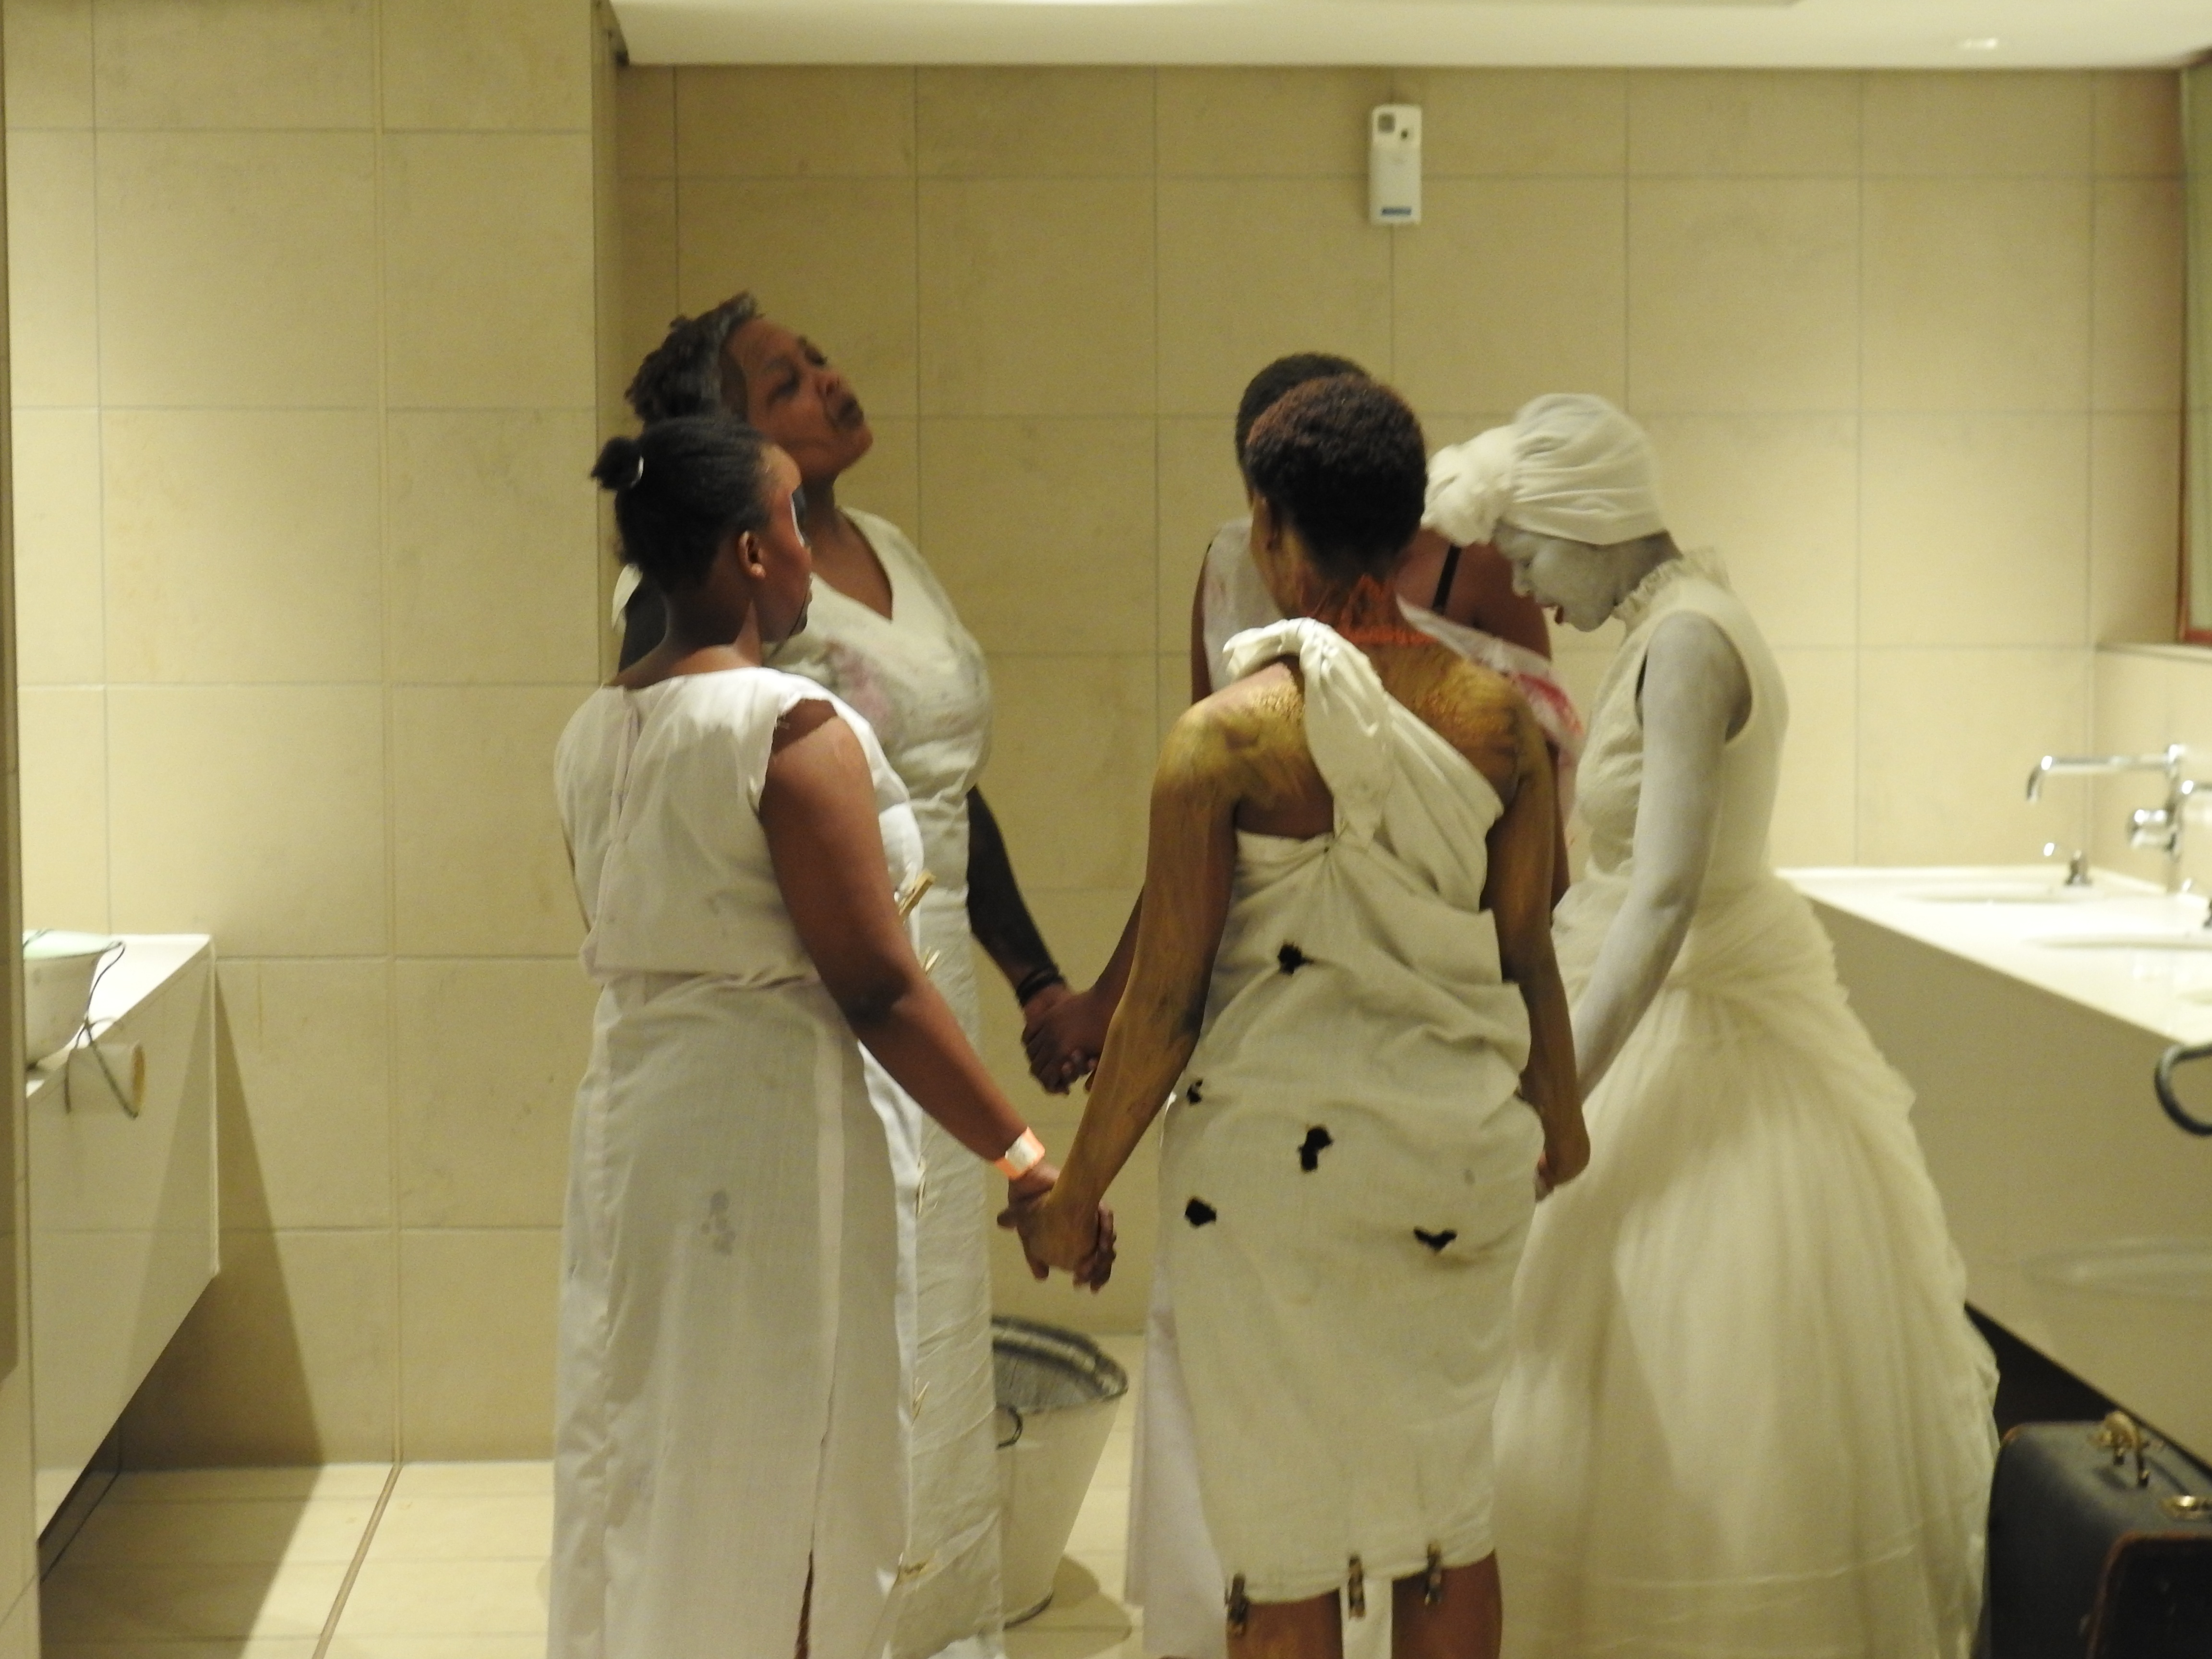 Artisits_in_bathroom.jpg